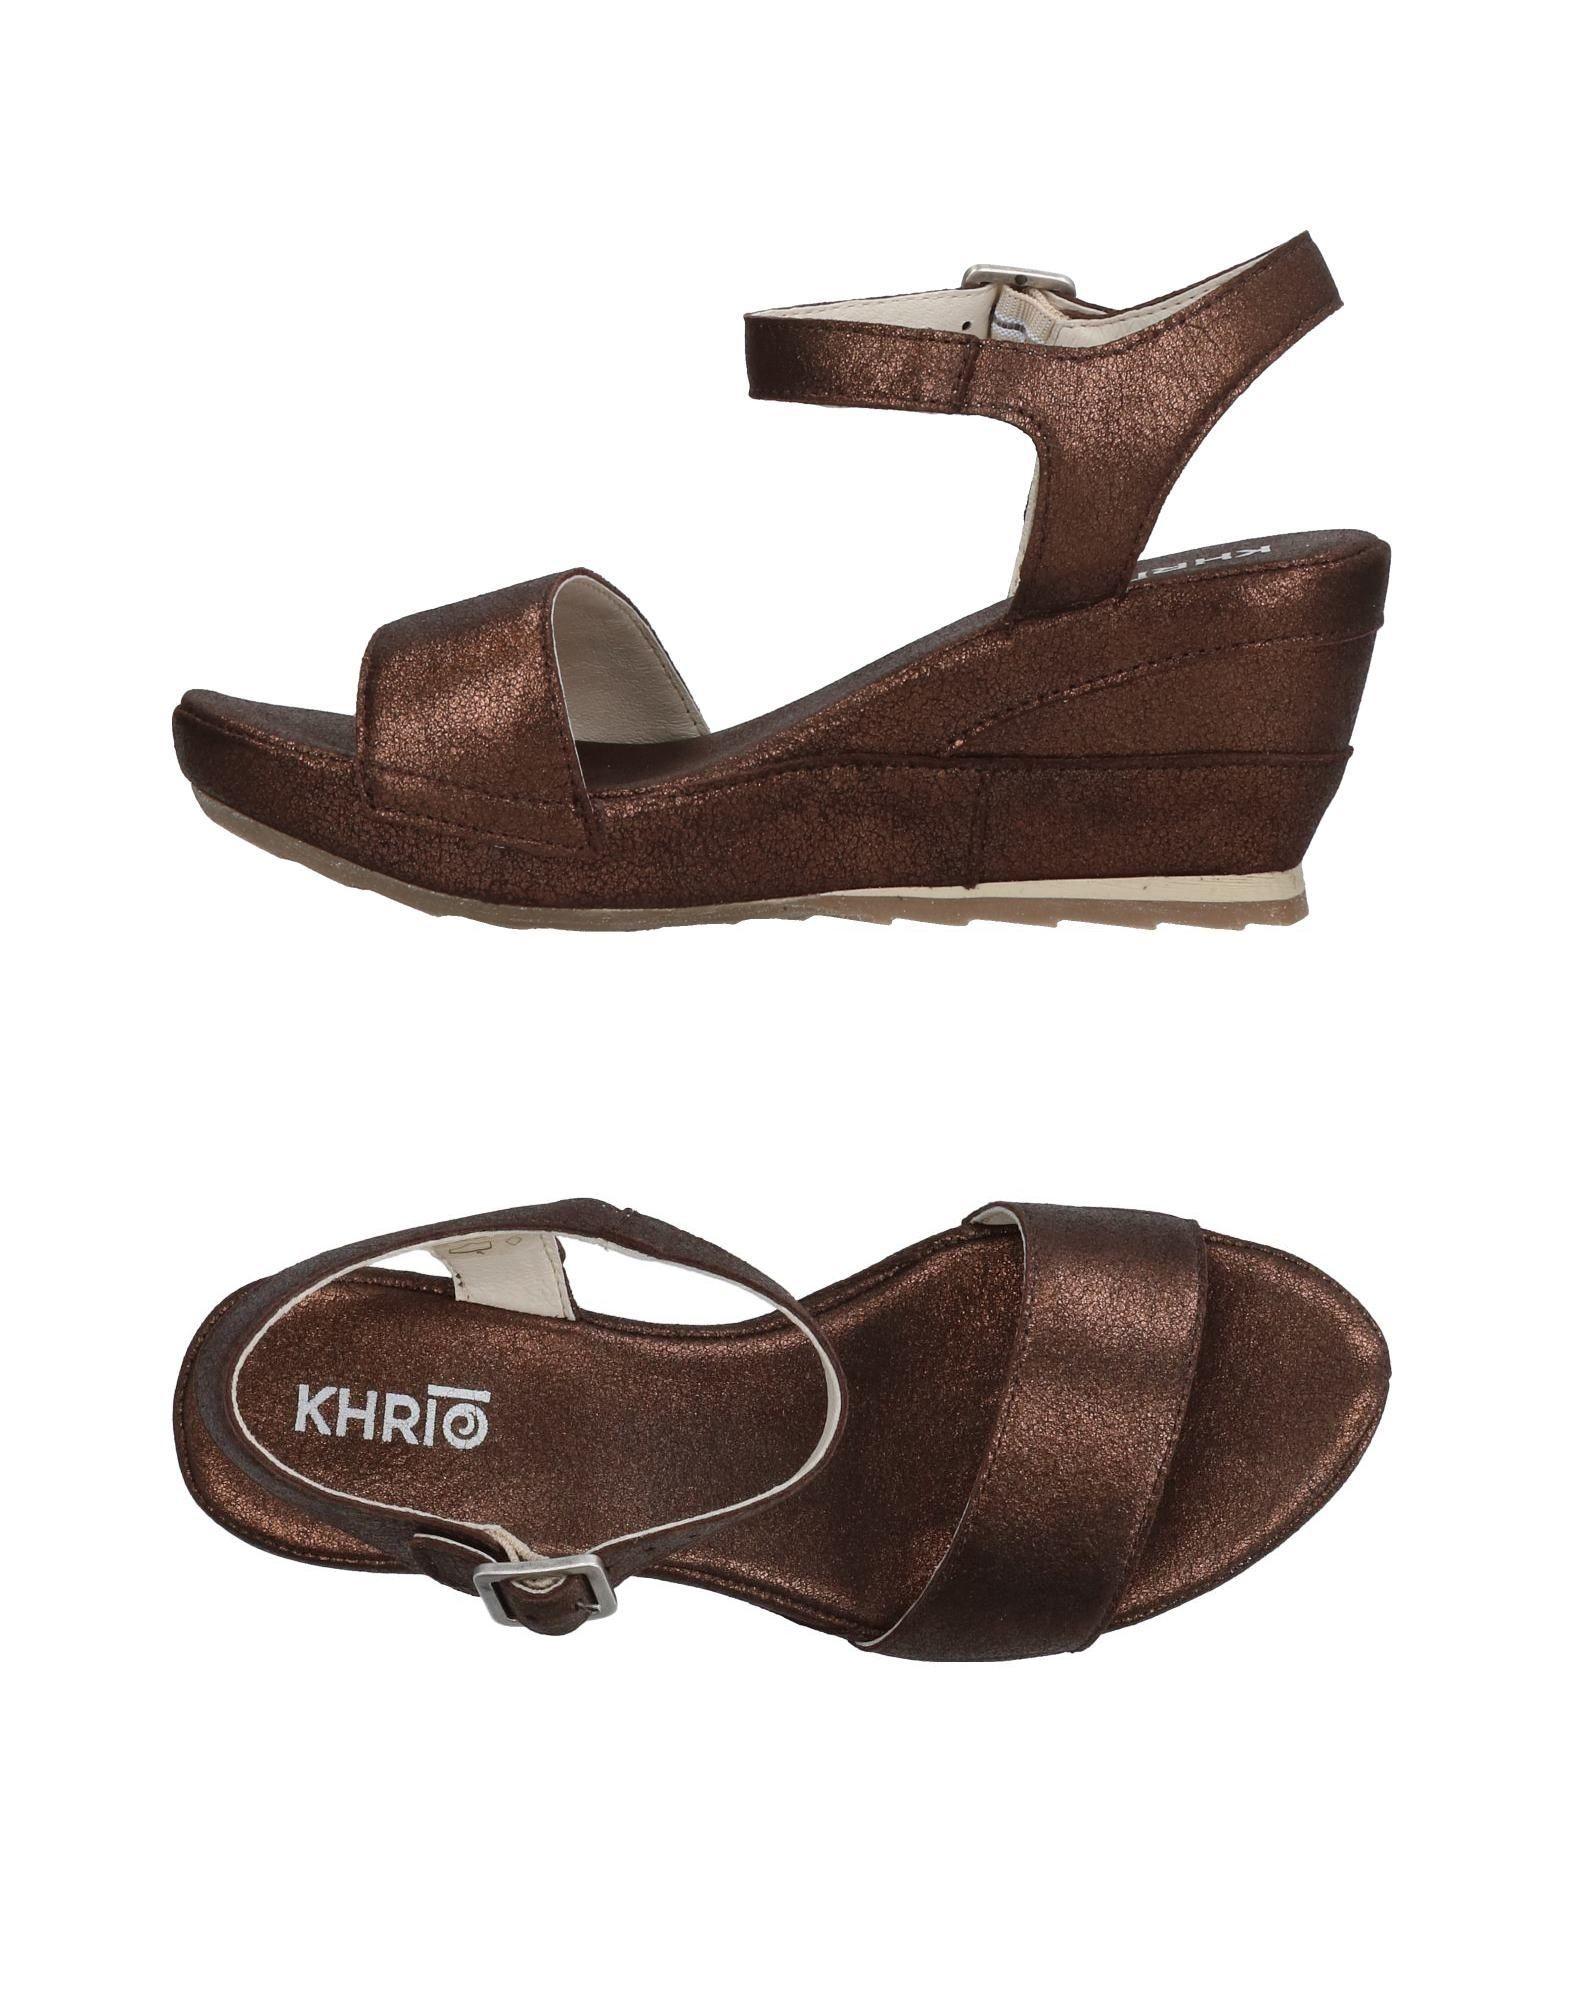 Khrio' Sandalen Damen  11327039BW Schuhe Heiße Schuhe 11327039BW 013528